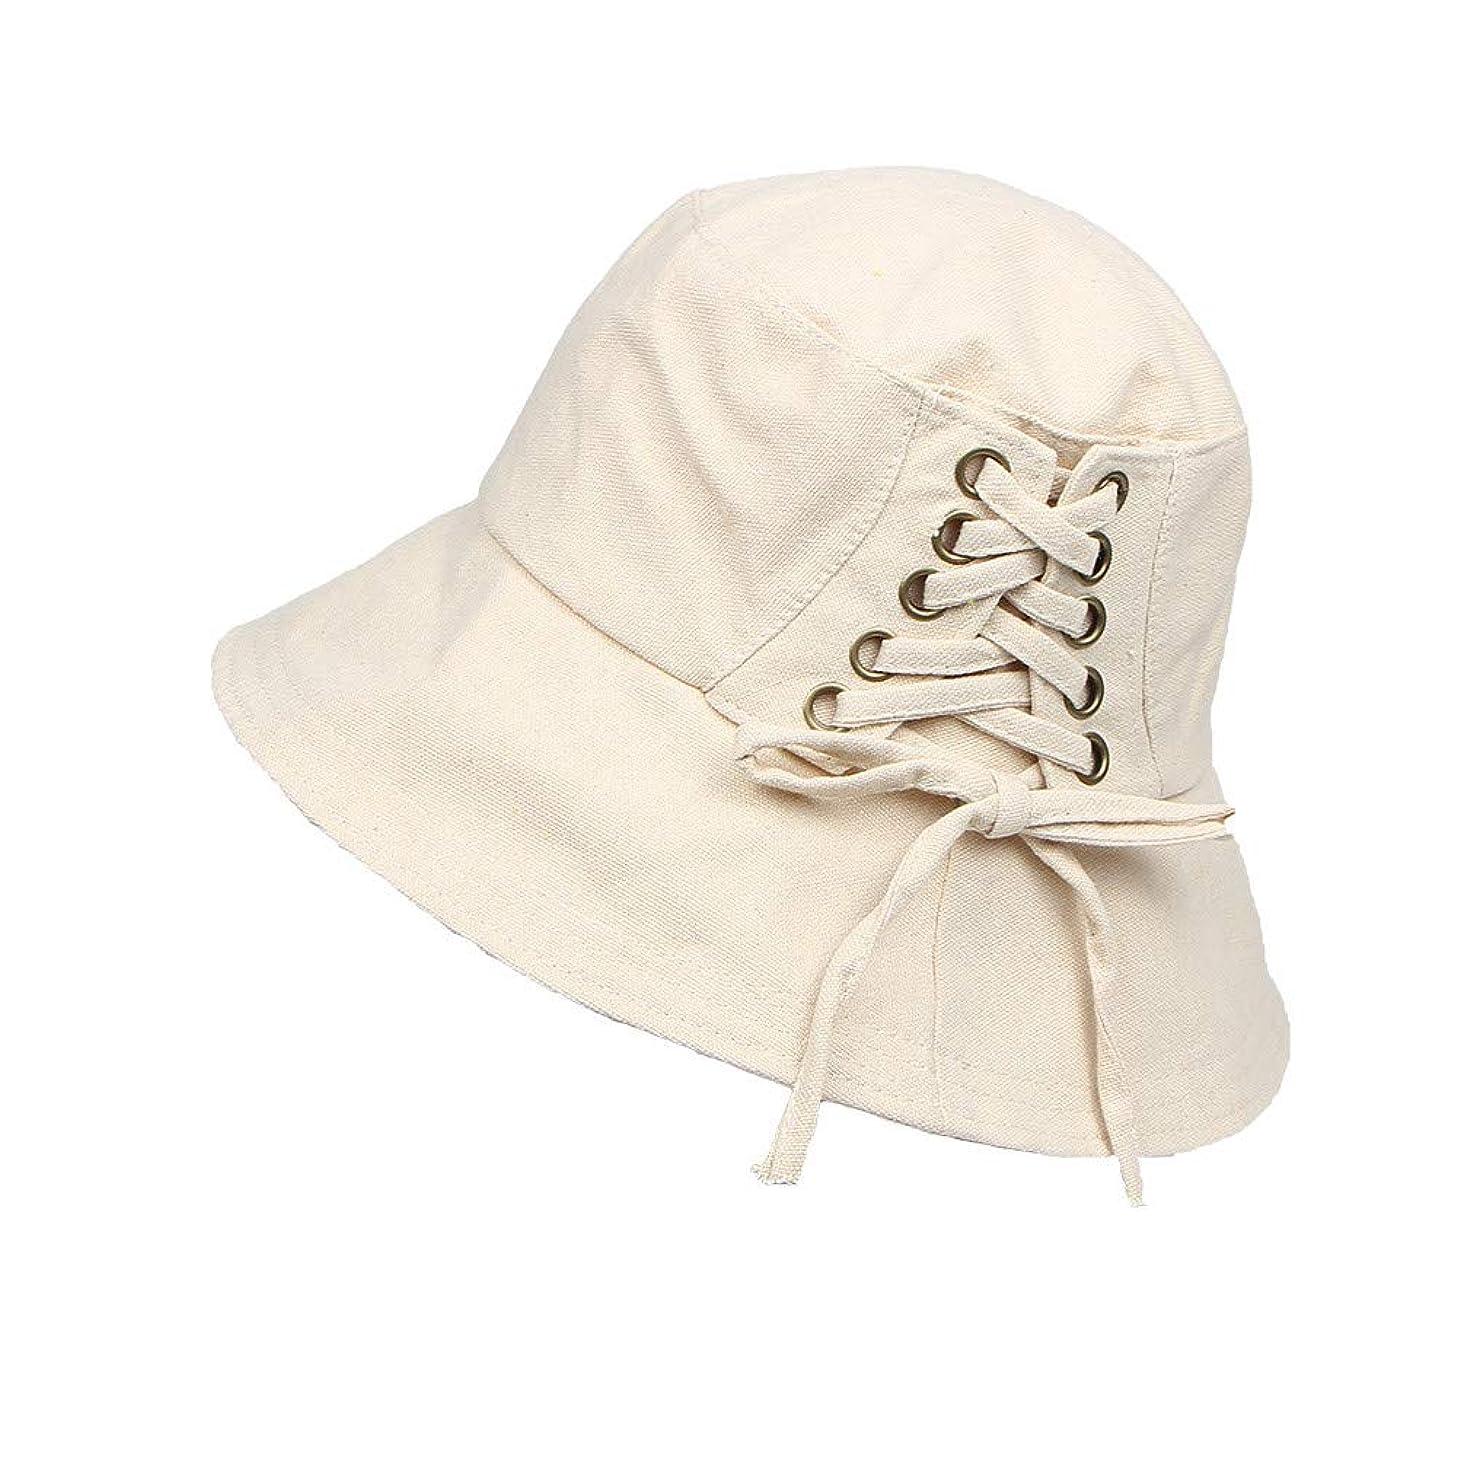 争い悪名高い全滅させるハット レディース バイザー ホルダー 帽子 レディース 夏 女性 ハット UVカット 帽子 日焼け防止 サイズ調節 つば広 uvカット 釣り 旅行 野球 日除け ヘアバンド ベレー帽 帽子 サイズ調整 テープ ROSE ROMAN